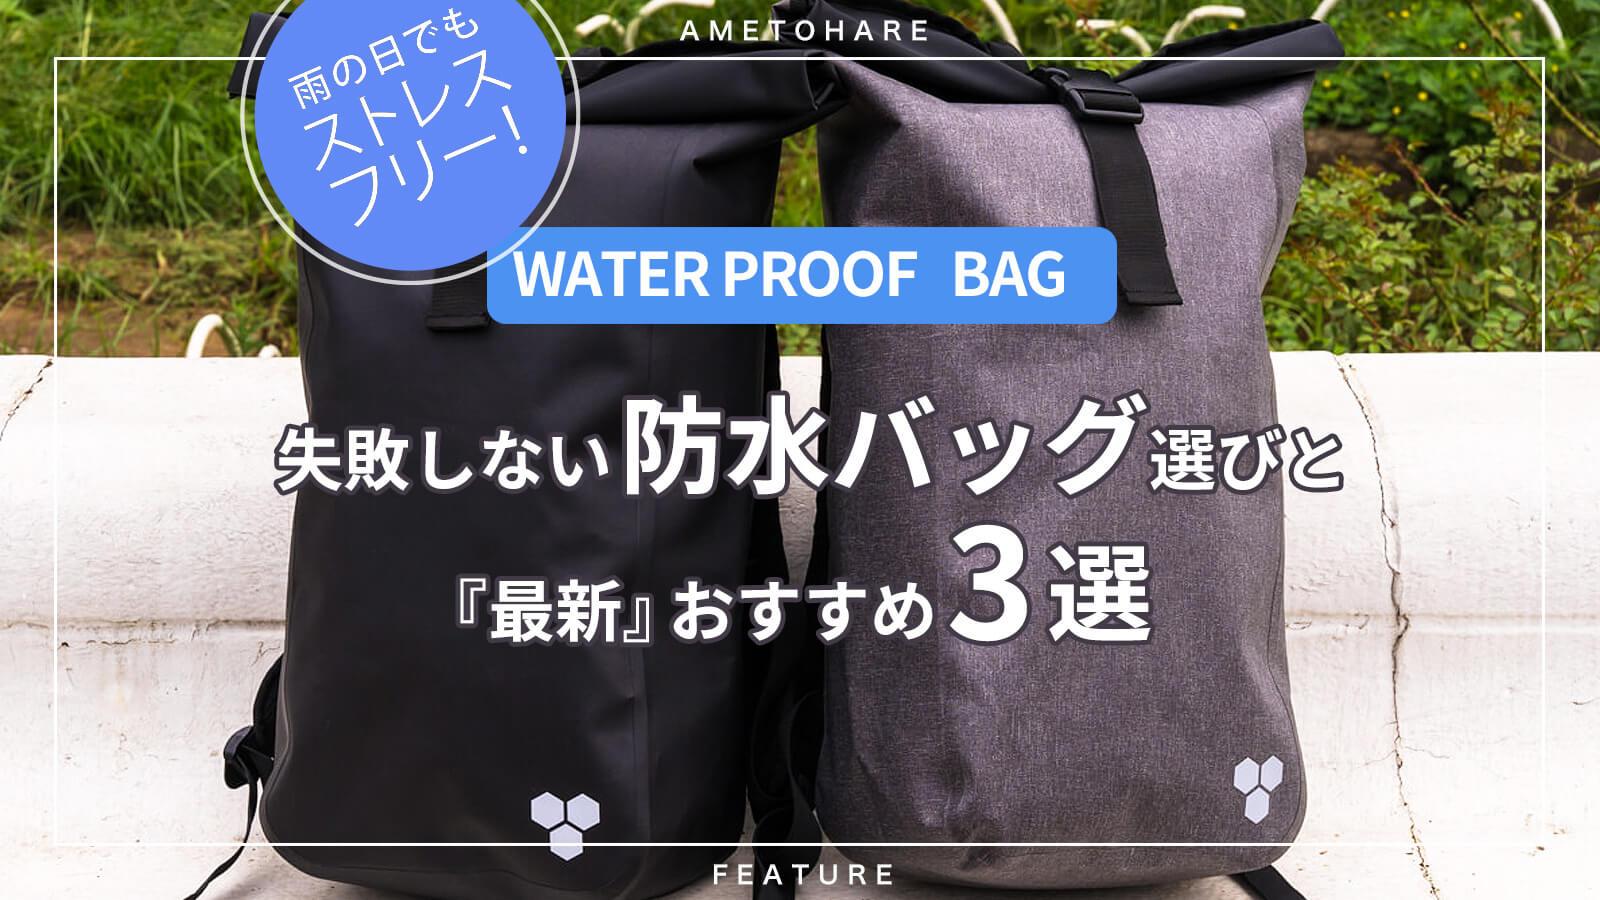 【防水リュック&バッグ おすすめ3選】失敗しないカバン選びで雨の日も快適に♪